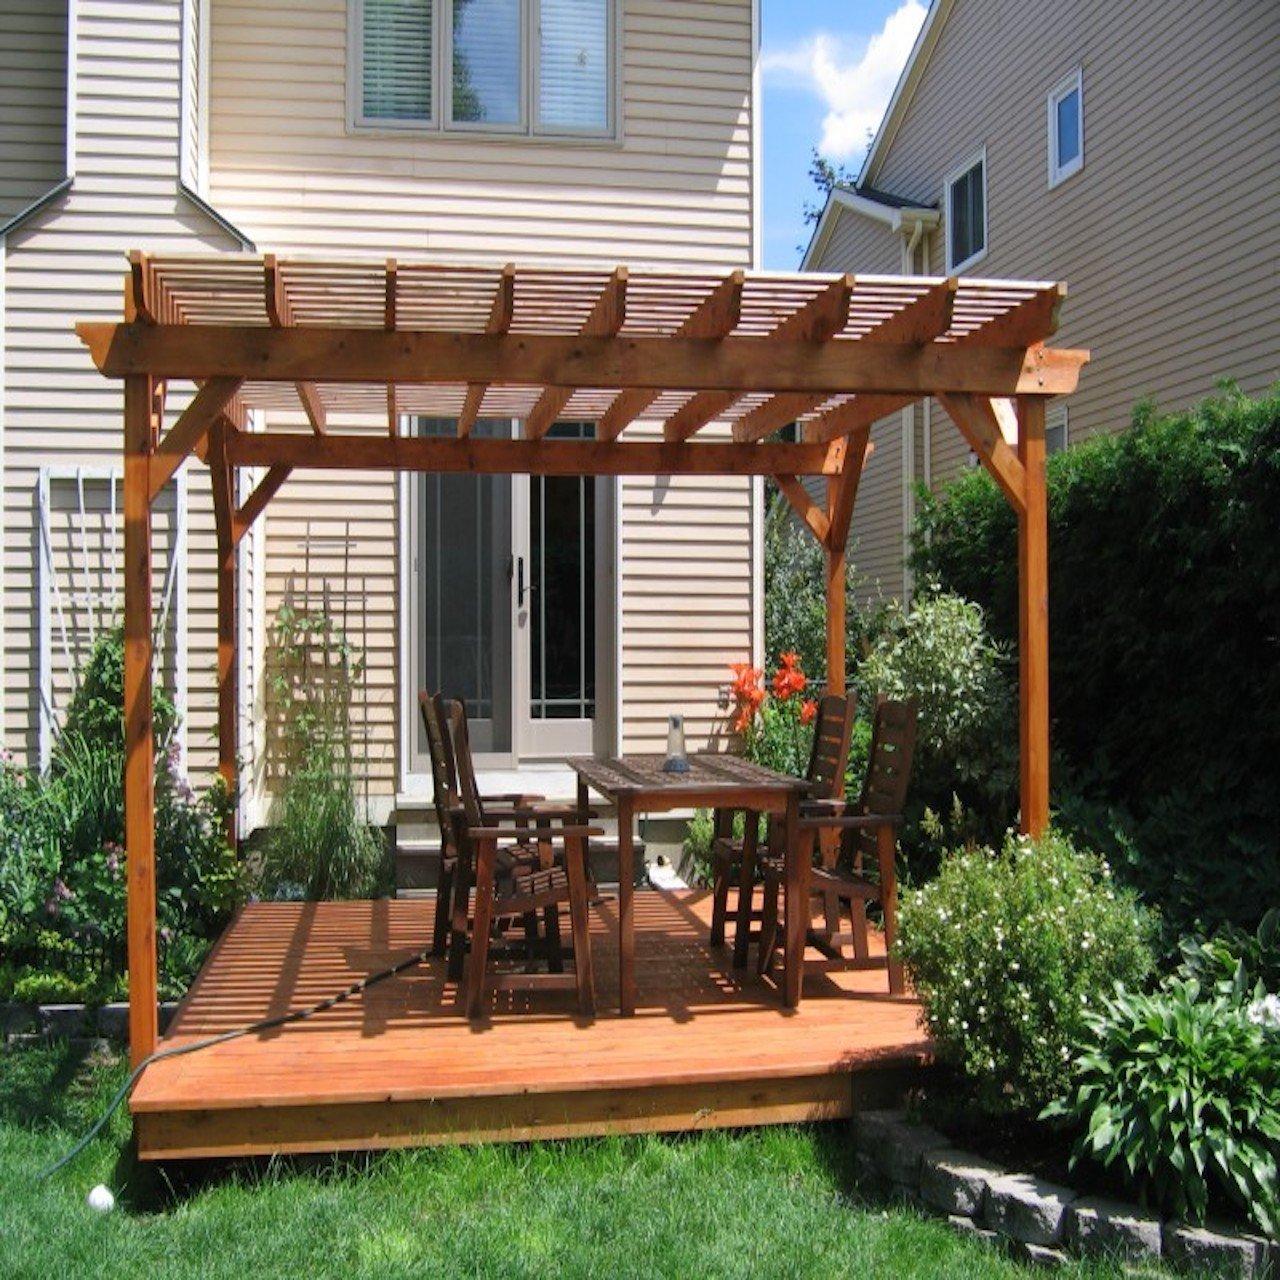 DecoMax Fences and Decks - Decks Gallery - 003